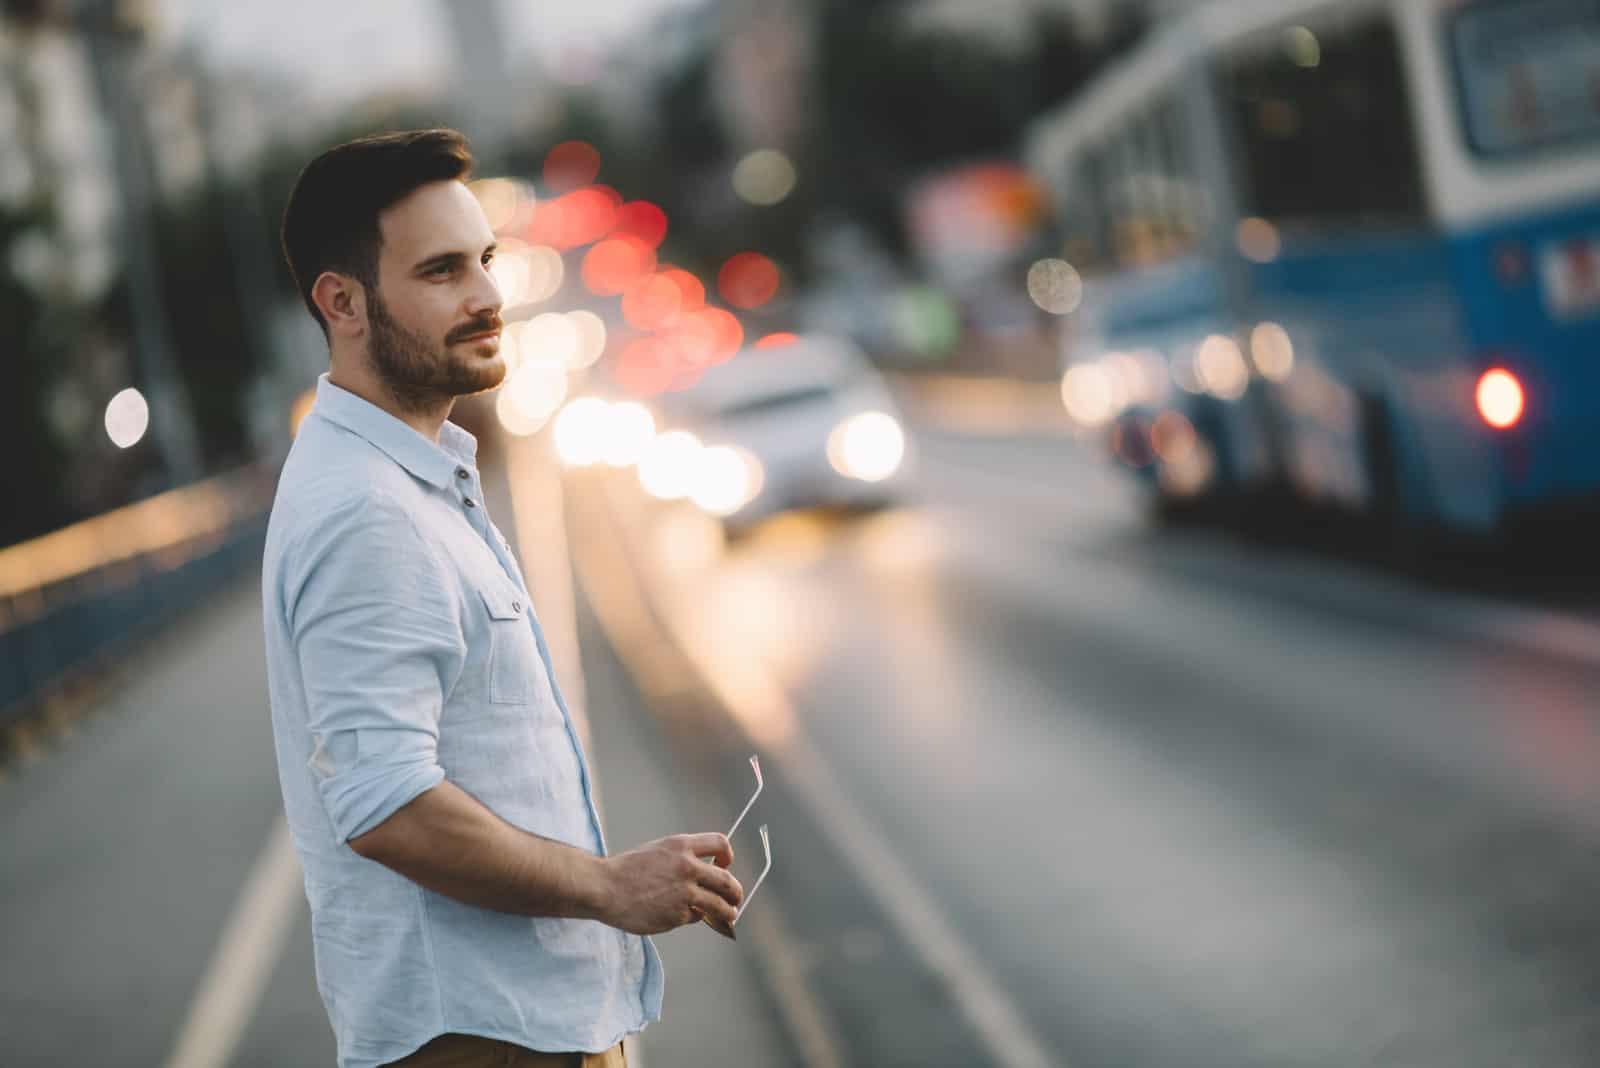 un homme debout dans la rue